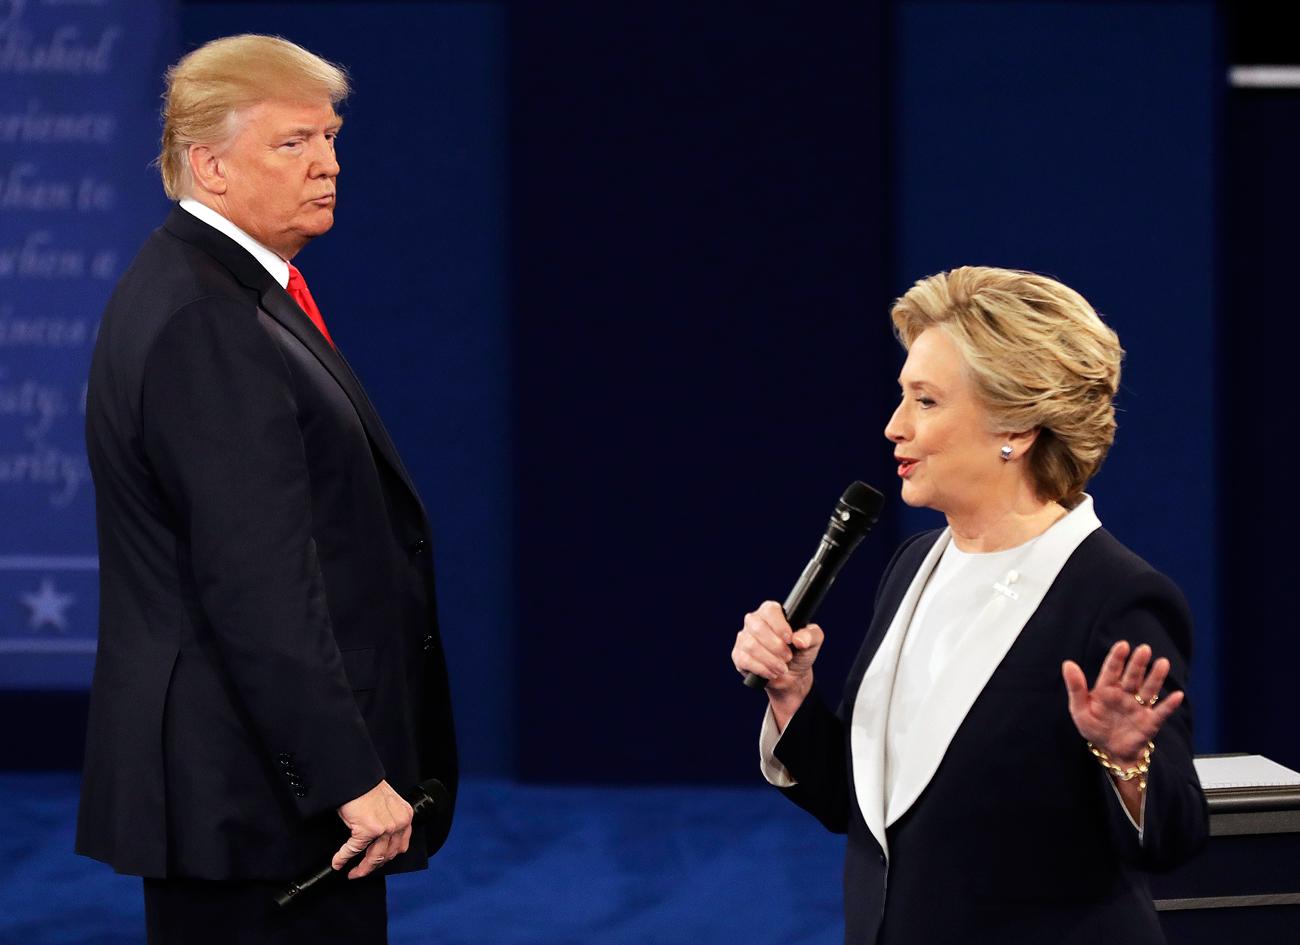 Les candidats à la présidence US Donald Trump (à gauche) et Hillary Clinton.